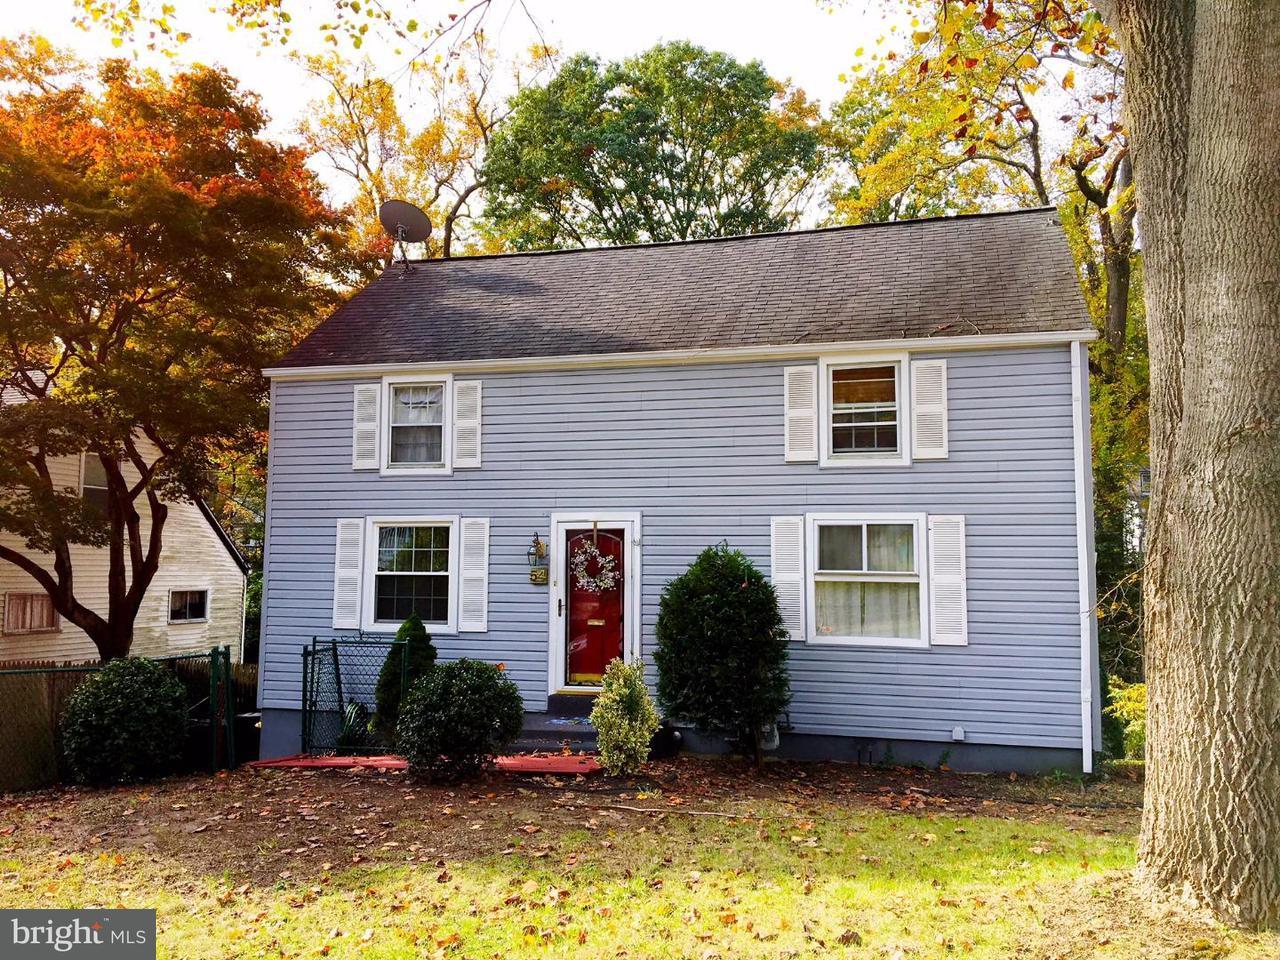 Частный односемейный дом для того Аренда на 54 EASTWOOD Road Berwyn, Пенсильвания 19312 Соединенные Штаты